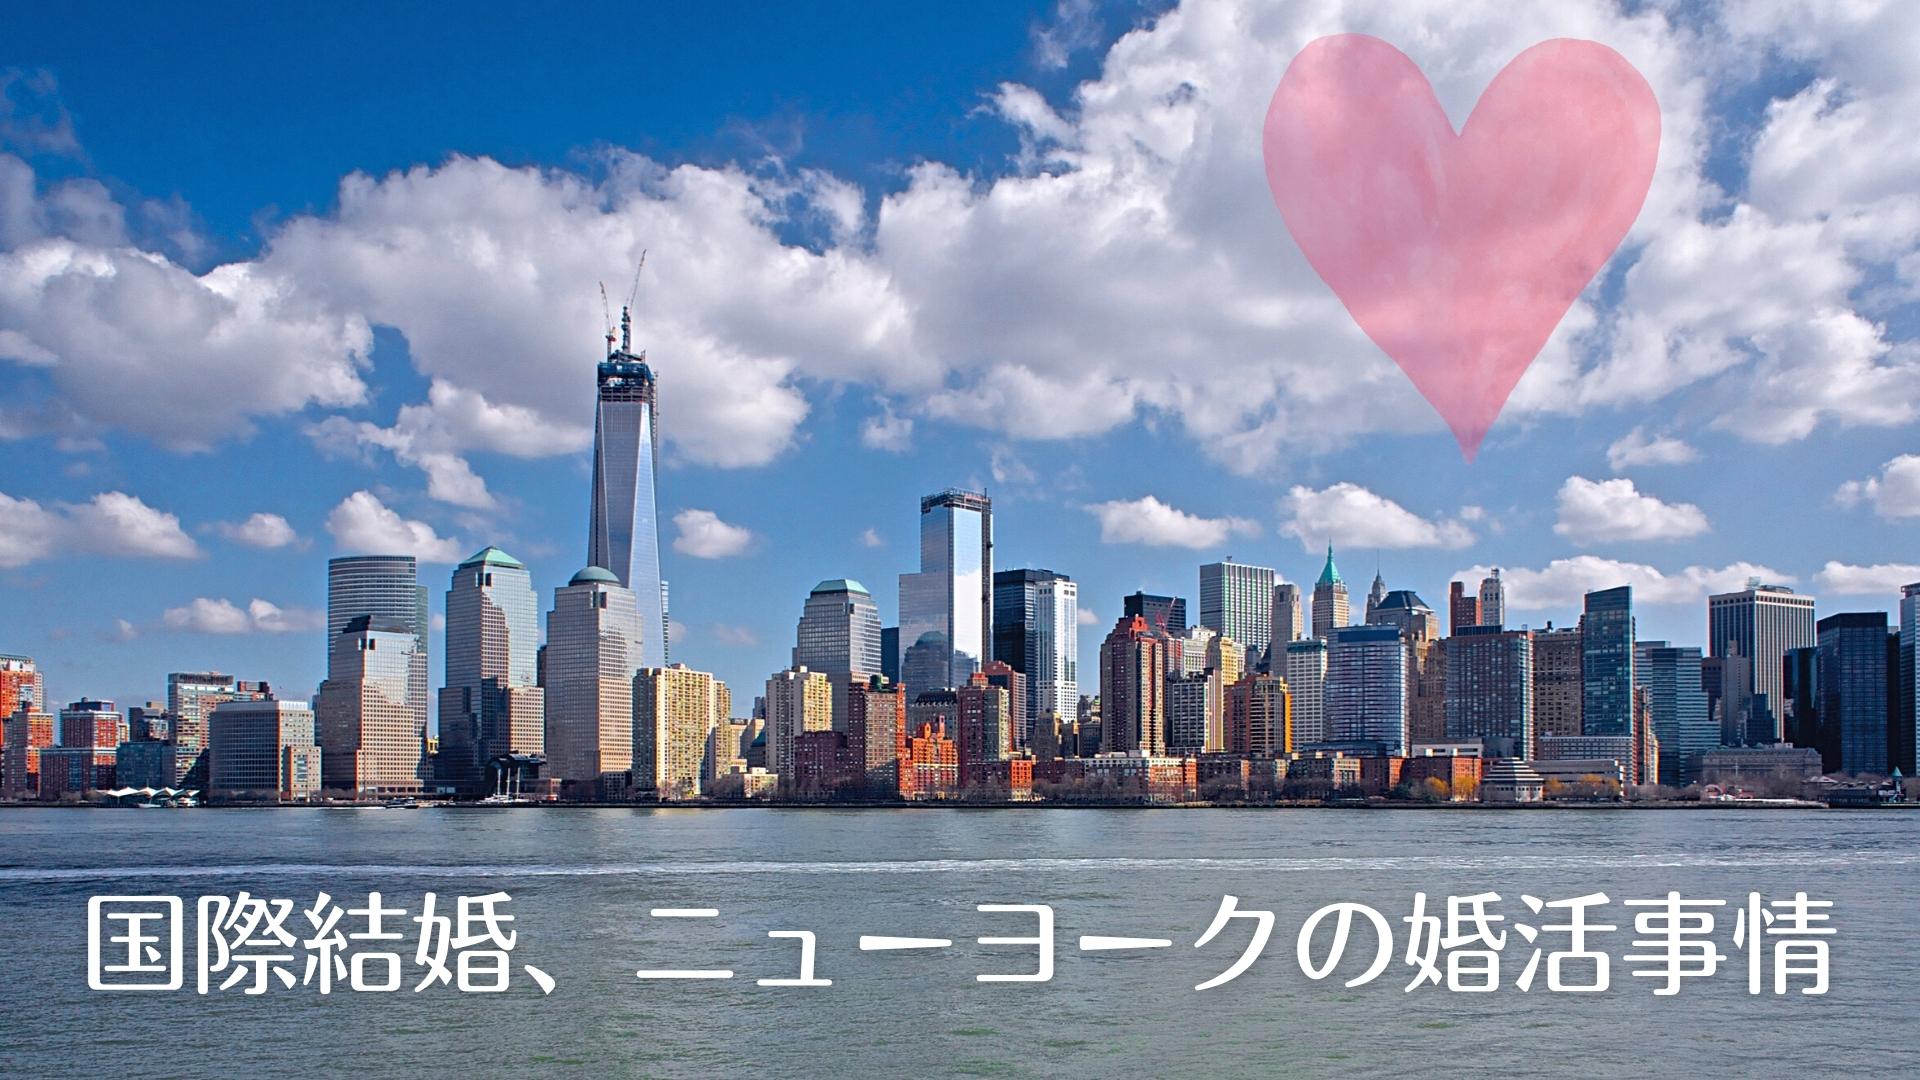 国際結婚、ニューヨークの婚活事情